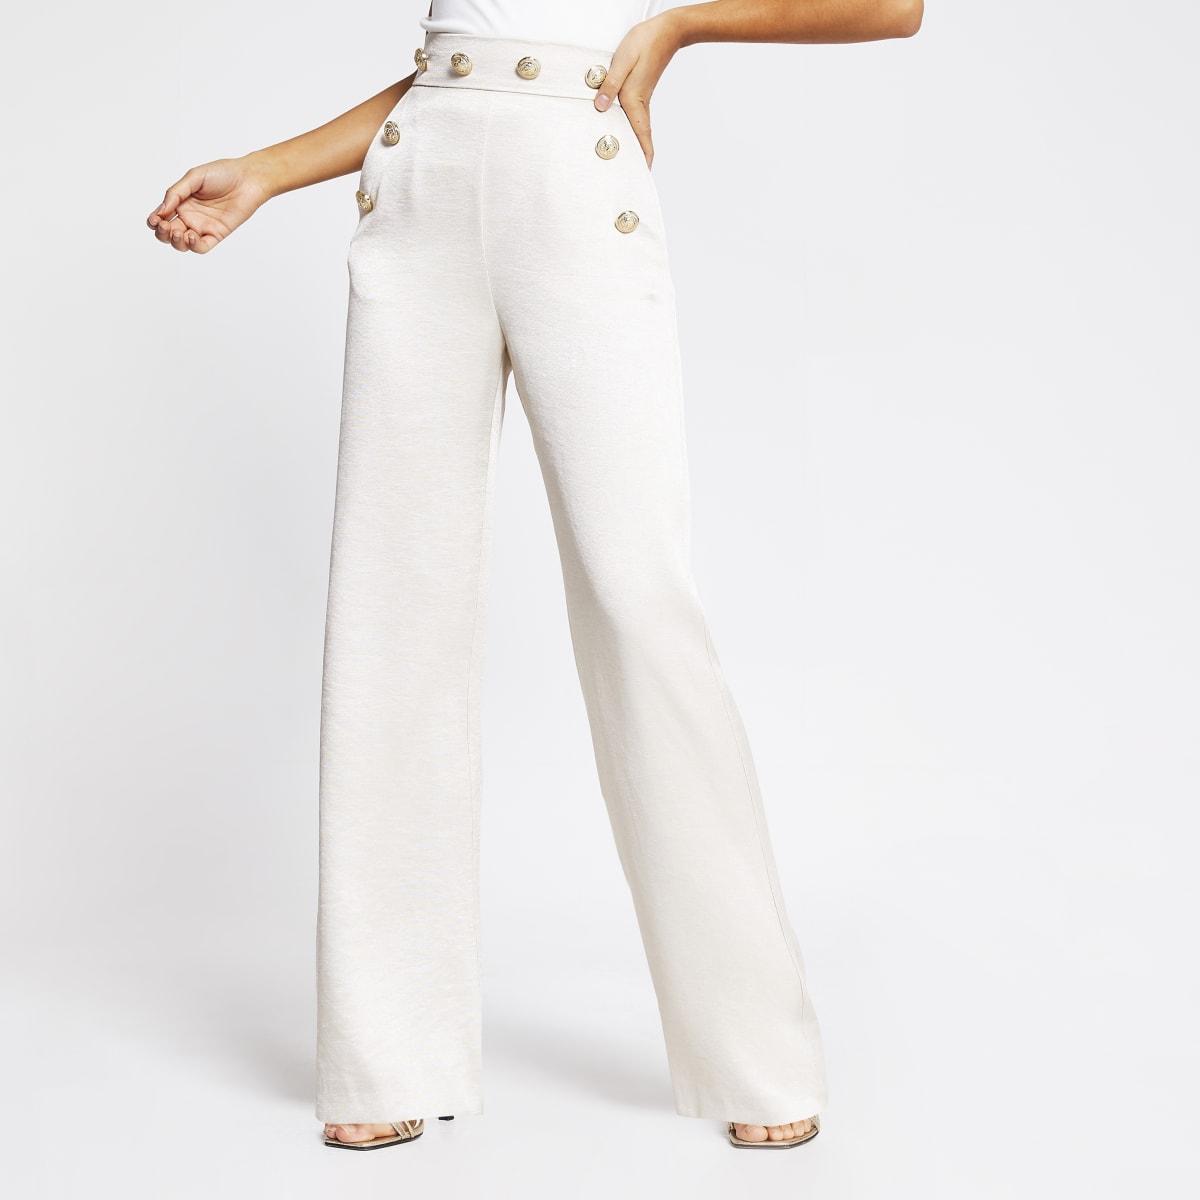 Crèmekleurige high waist broek met knopen en wijde pijpen